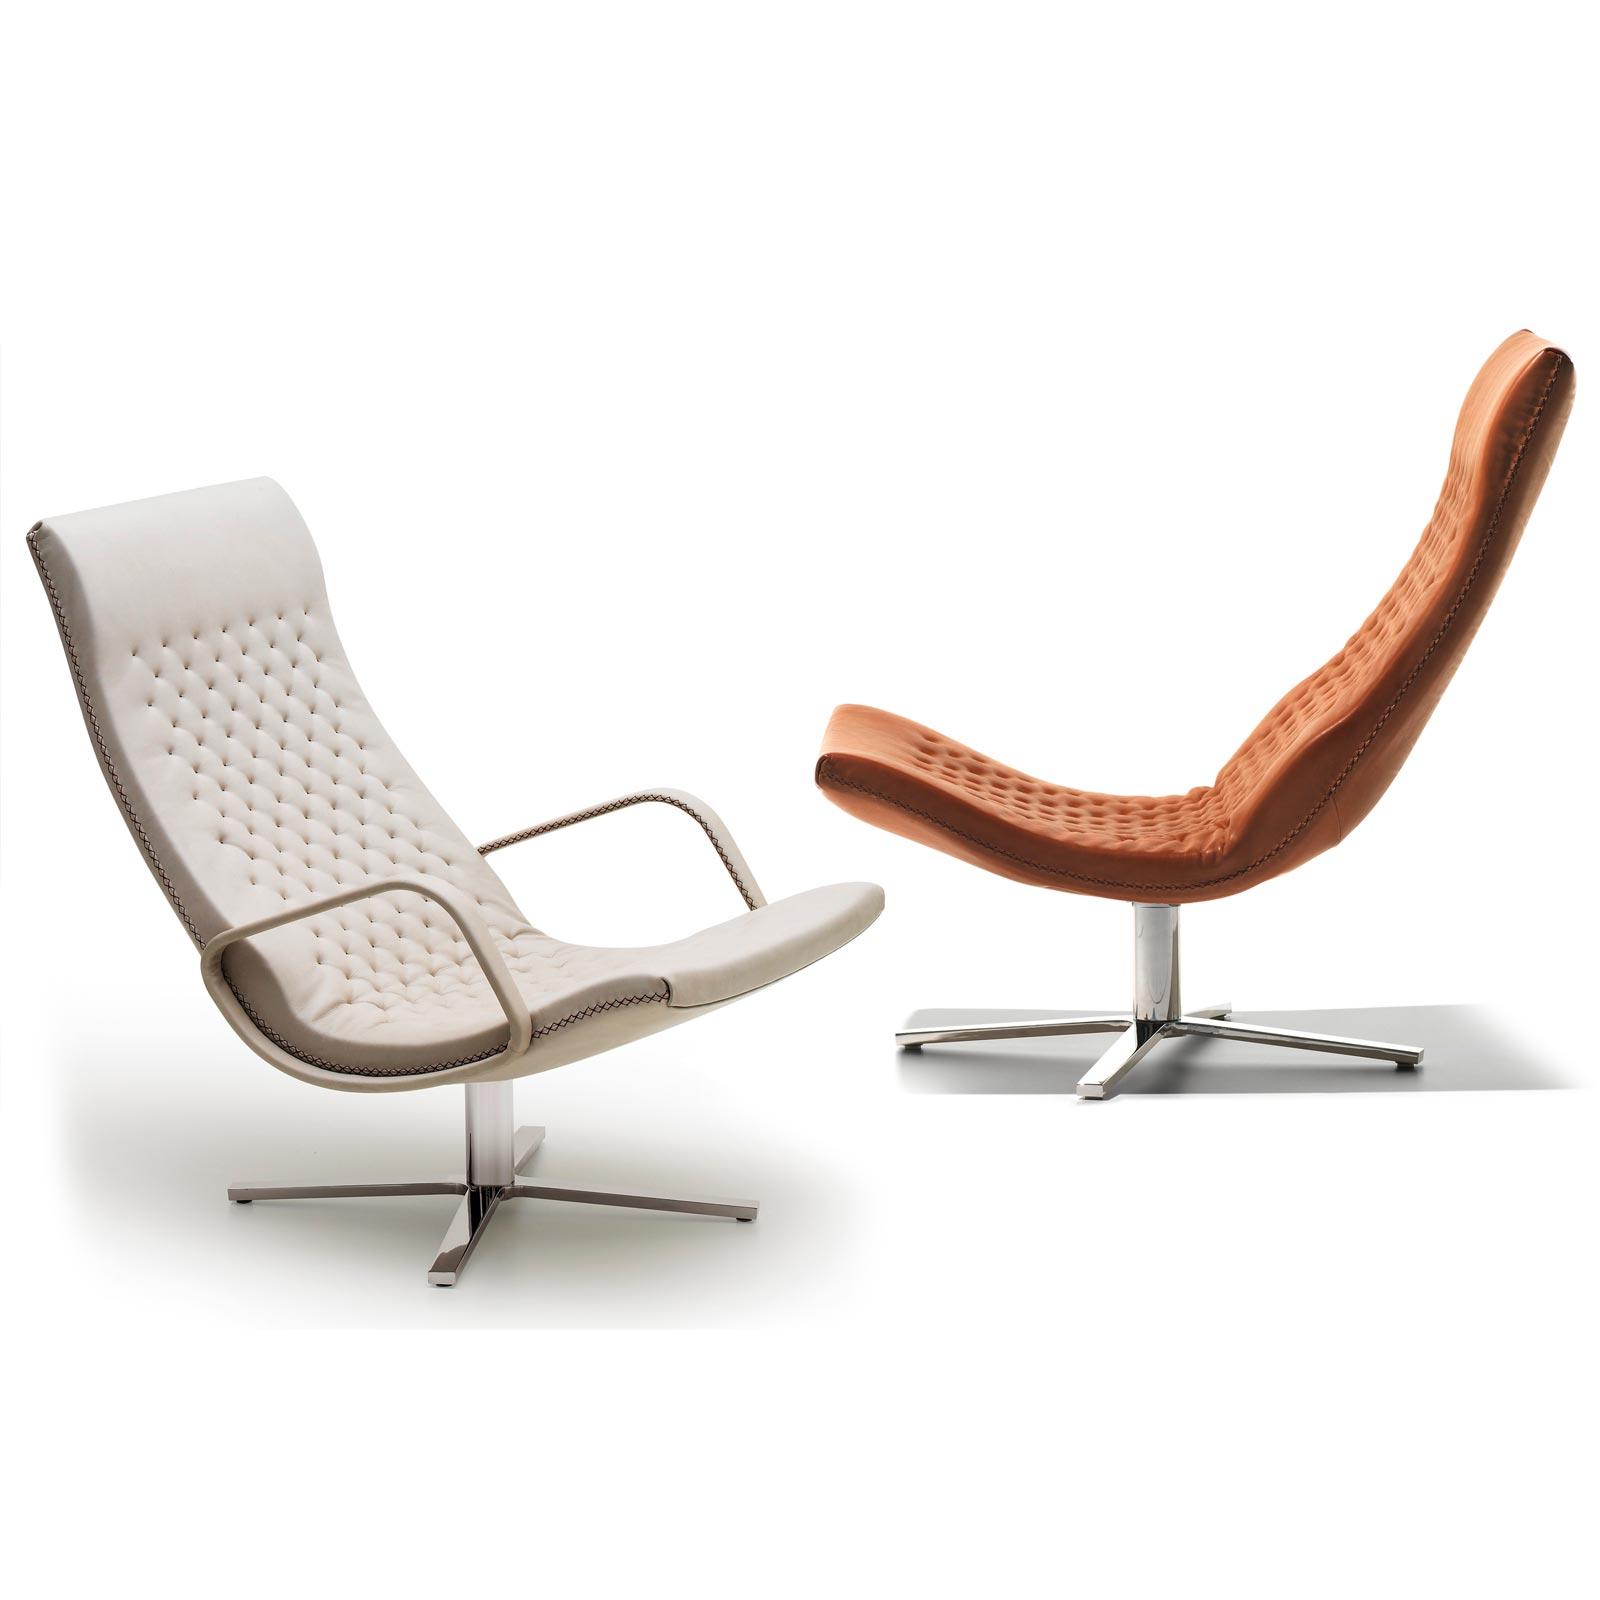 drehsessel ds 51 von de sede. Black Bedroom Furniture Sets. Home Design Ideas